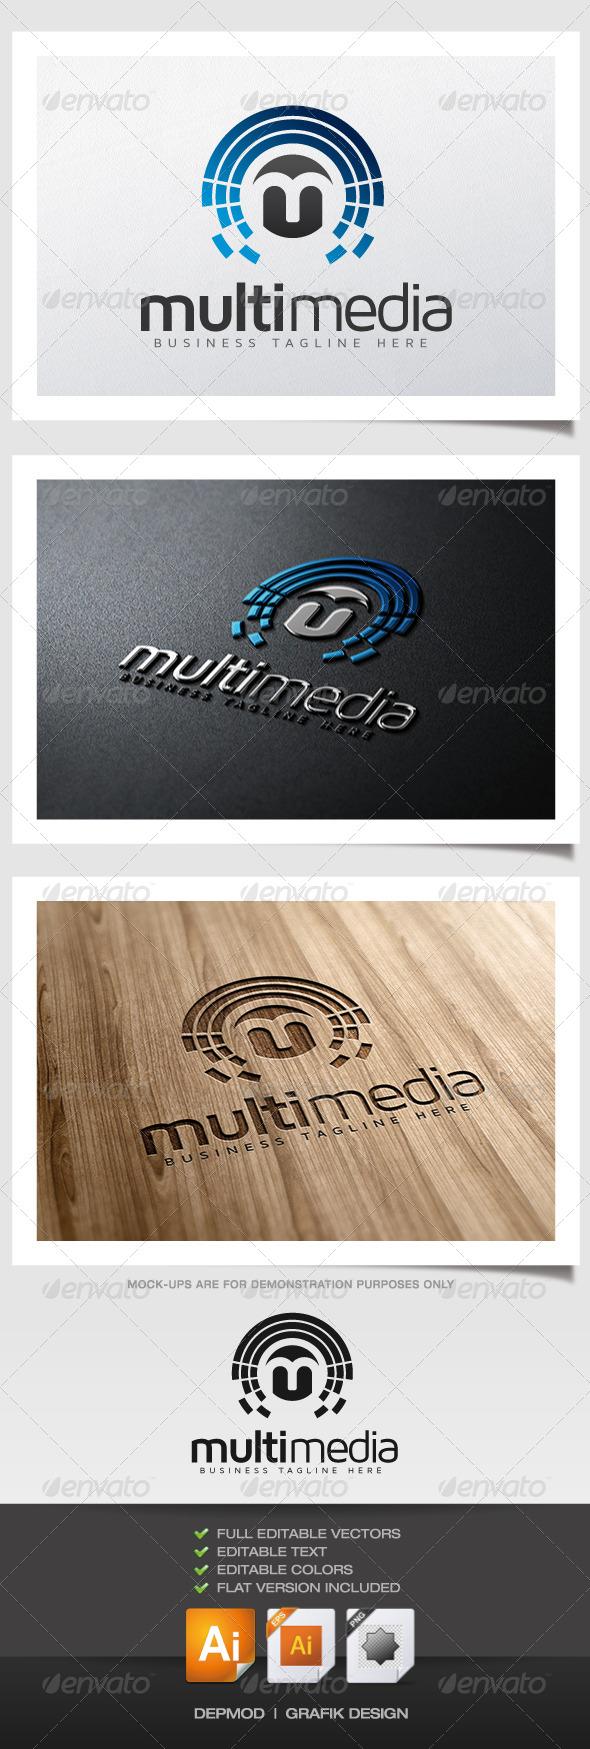 GraphicRiver Multimedia Logo 5936625